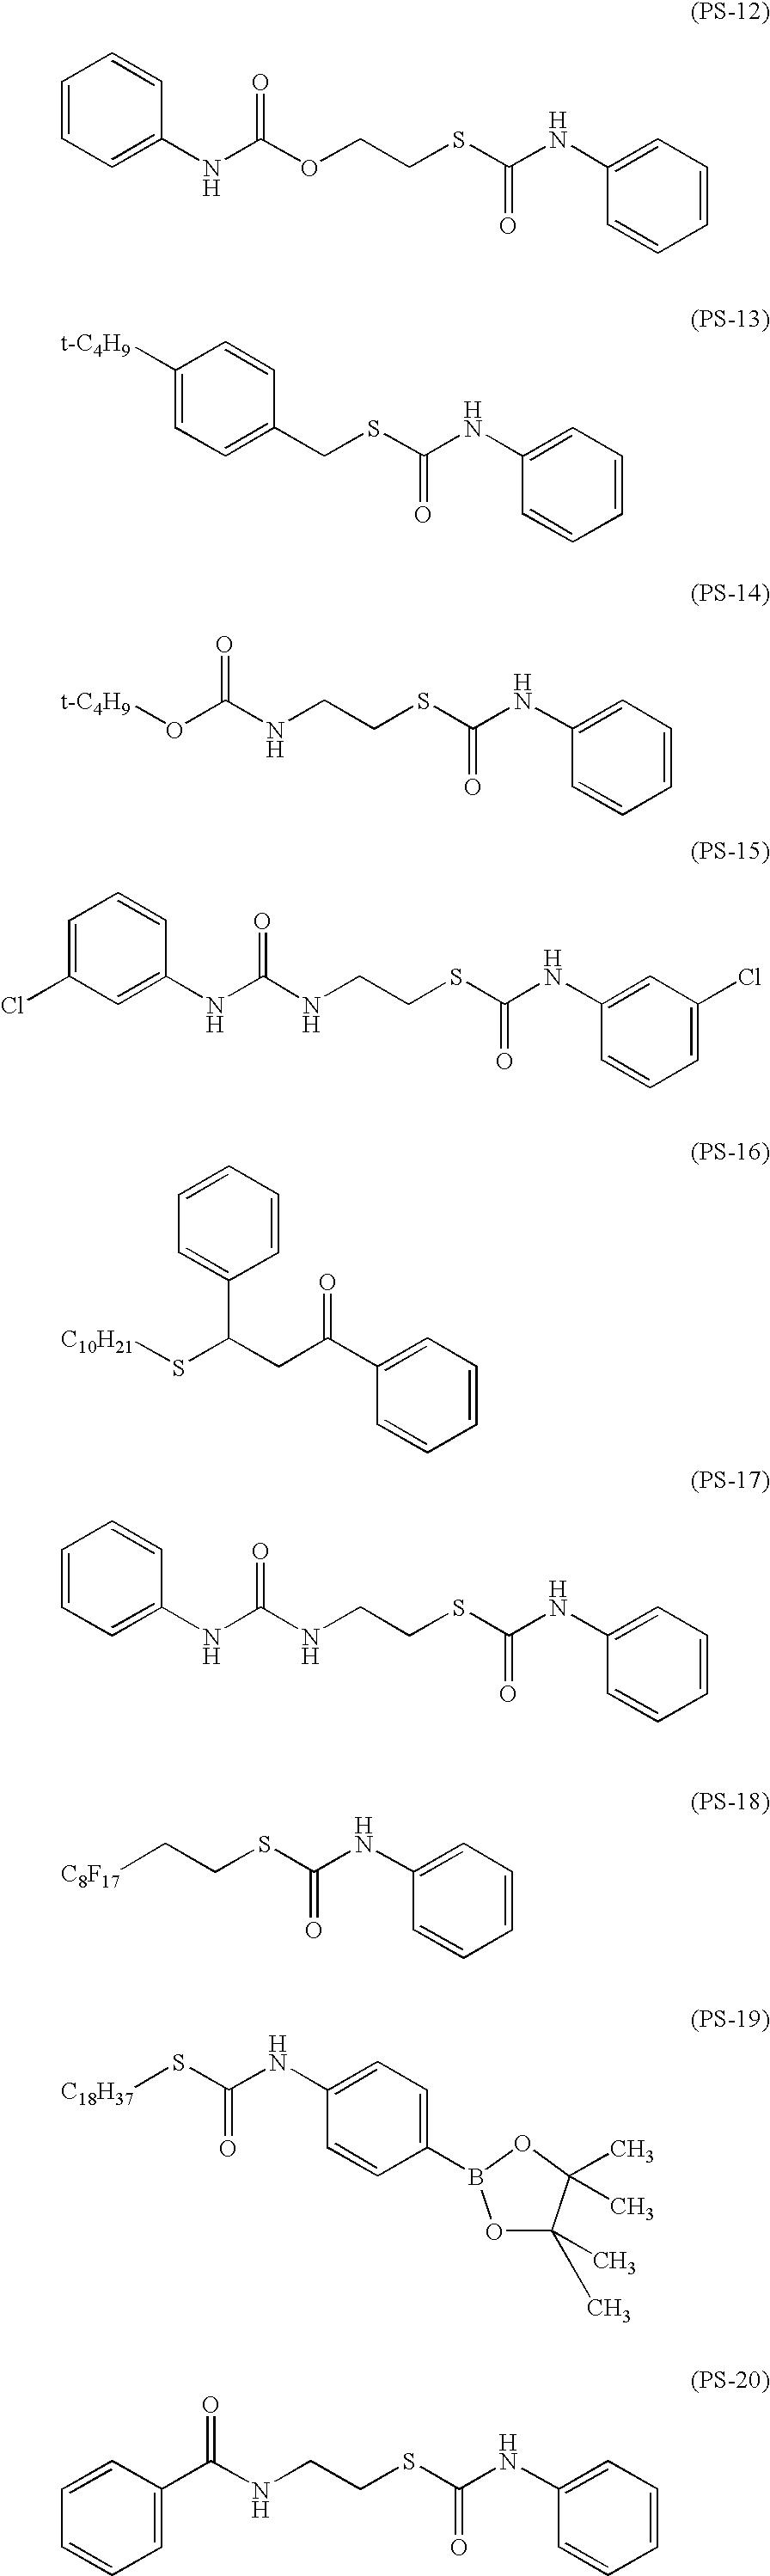 Figure US07169543-20070130-C00023